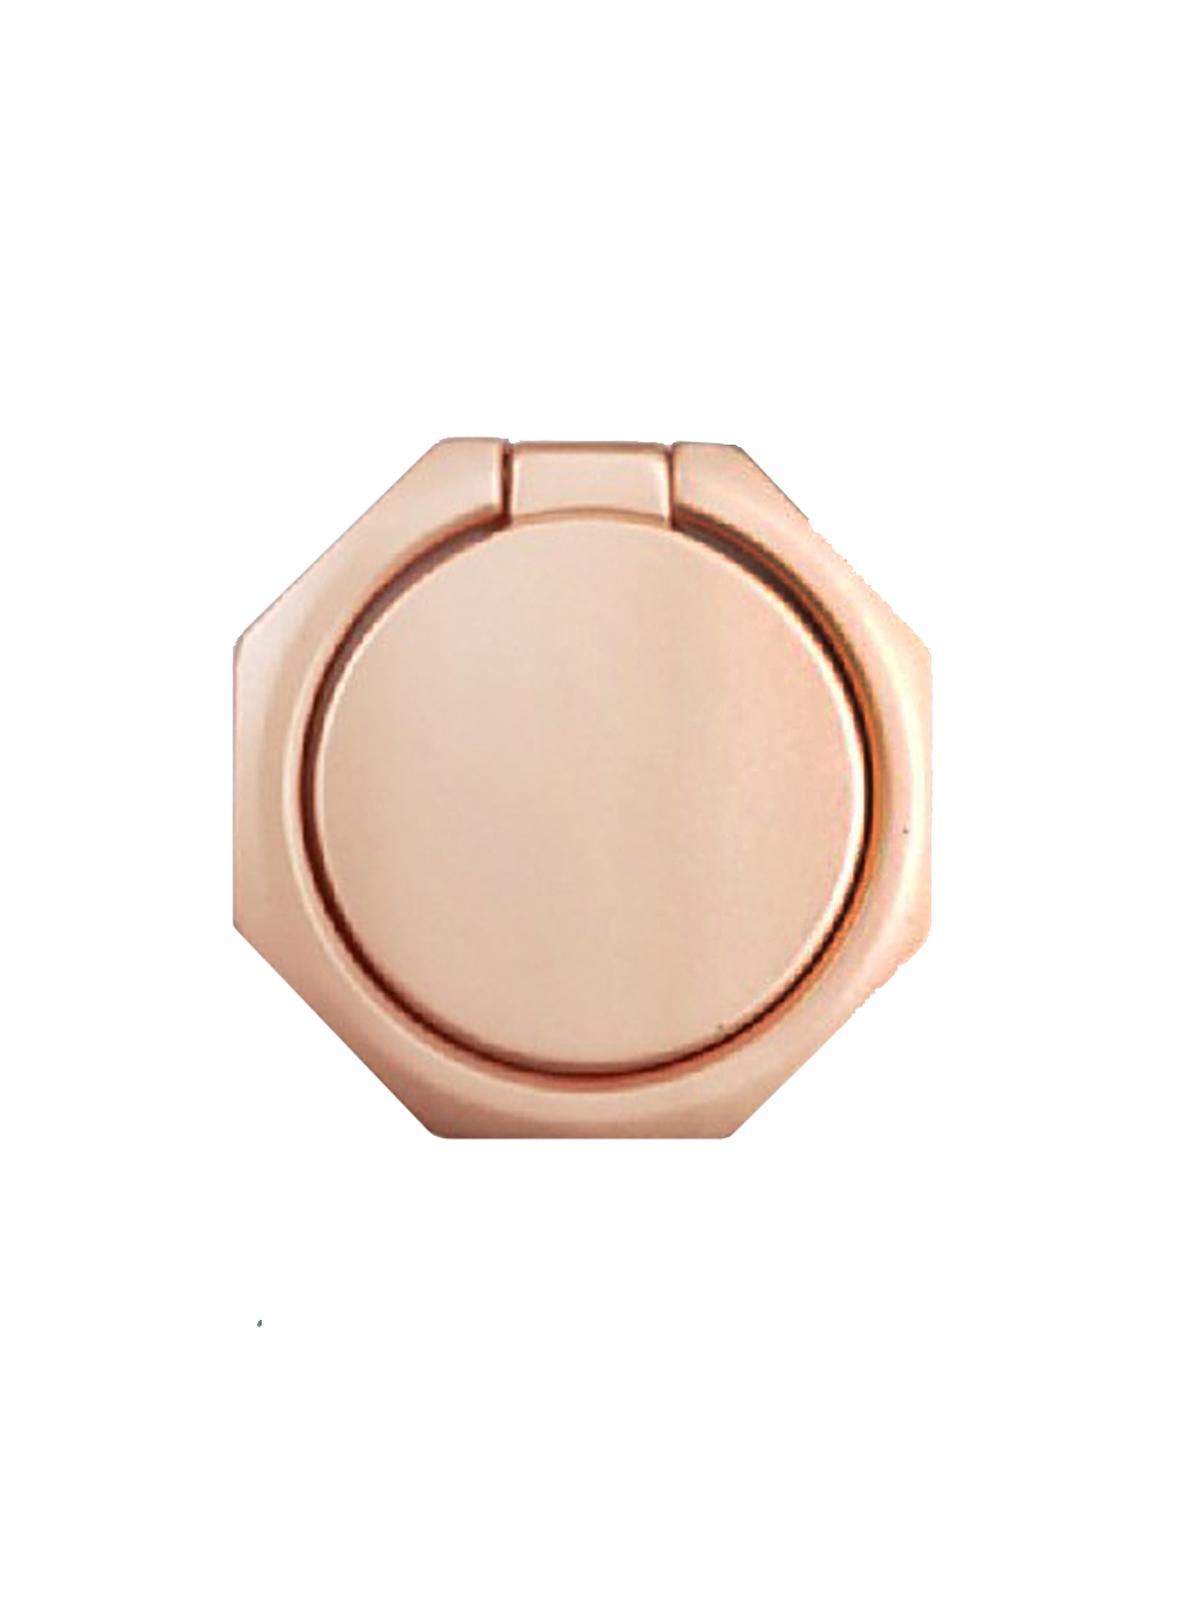 Фото - Кольцо-держатель для телефона UNIPHA Многоугольник, розовый видео